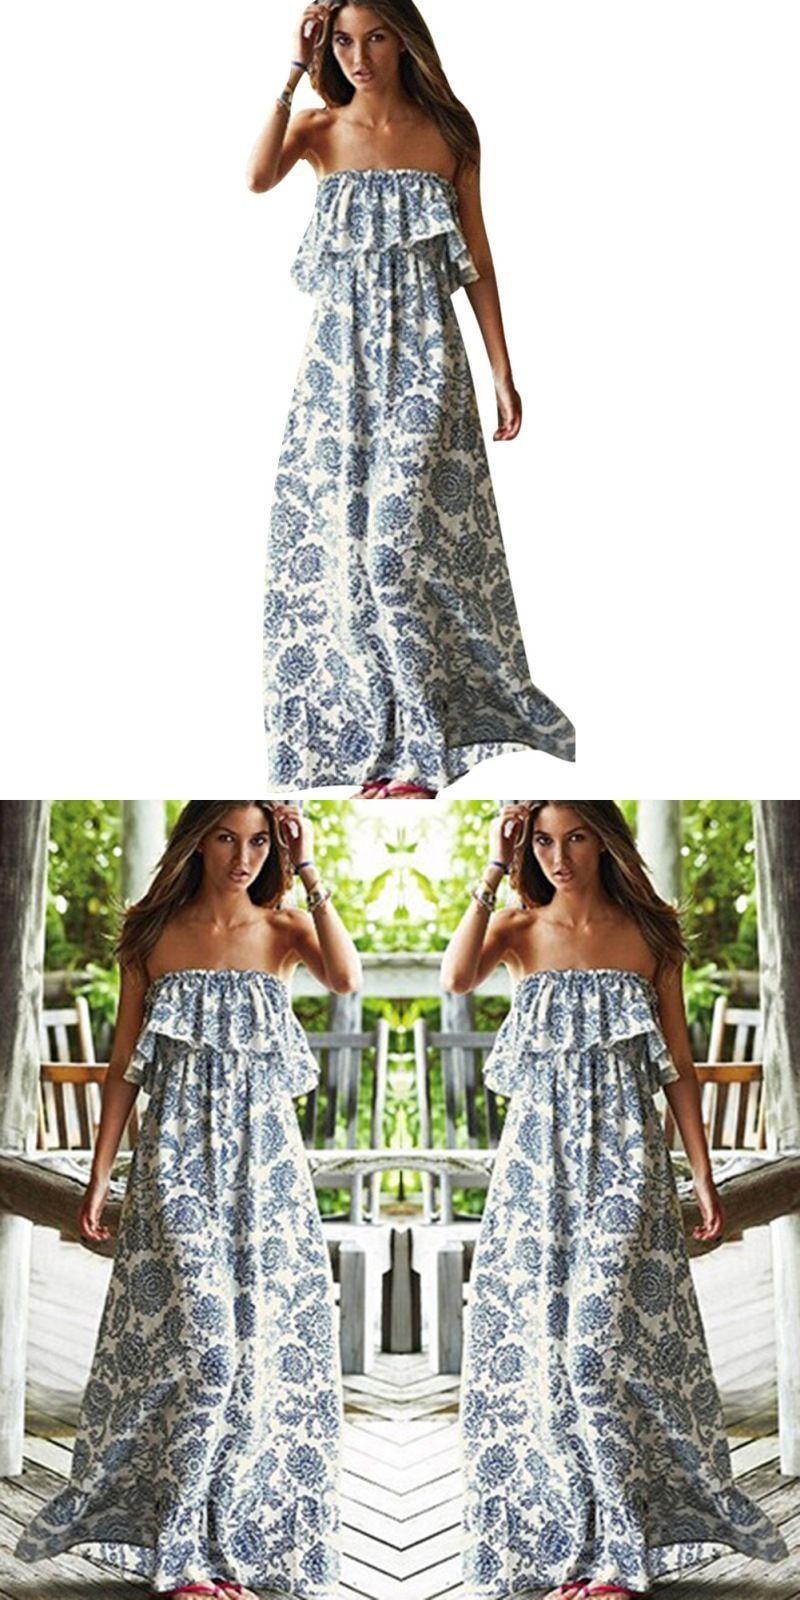 bb18f8401 New sexy off shoulder long maxi xl dress women boho evening beach sundress  vestidos shipping from